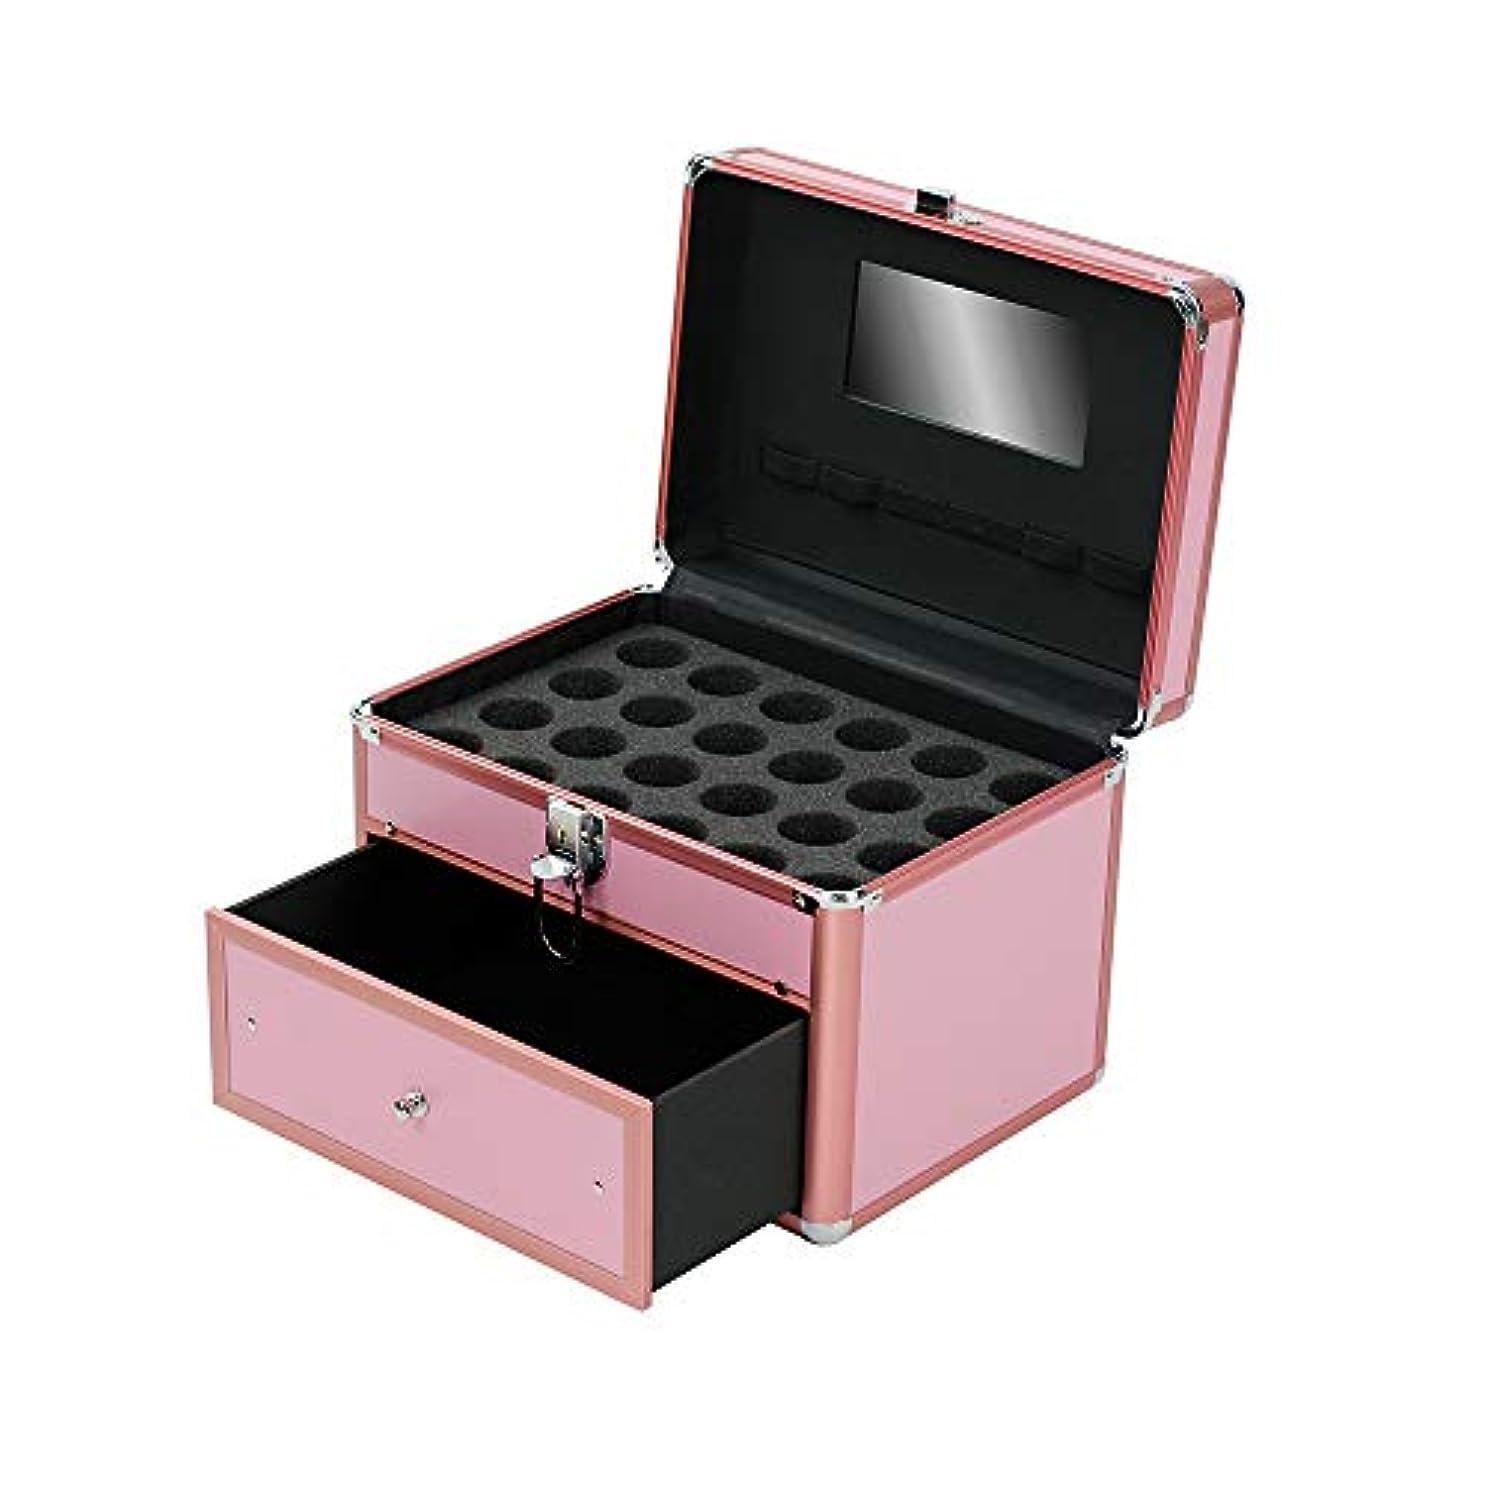 脈拍嘆く精度特大スペース収納ビューティーボックス 女の子の女性旅行のための新しく、実用的な携帯用化粧箱およびロックおよび皿が付いている毎日の貯蔵 化粧品化粧台